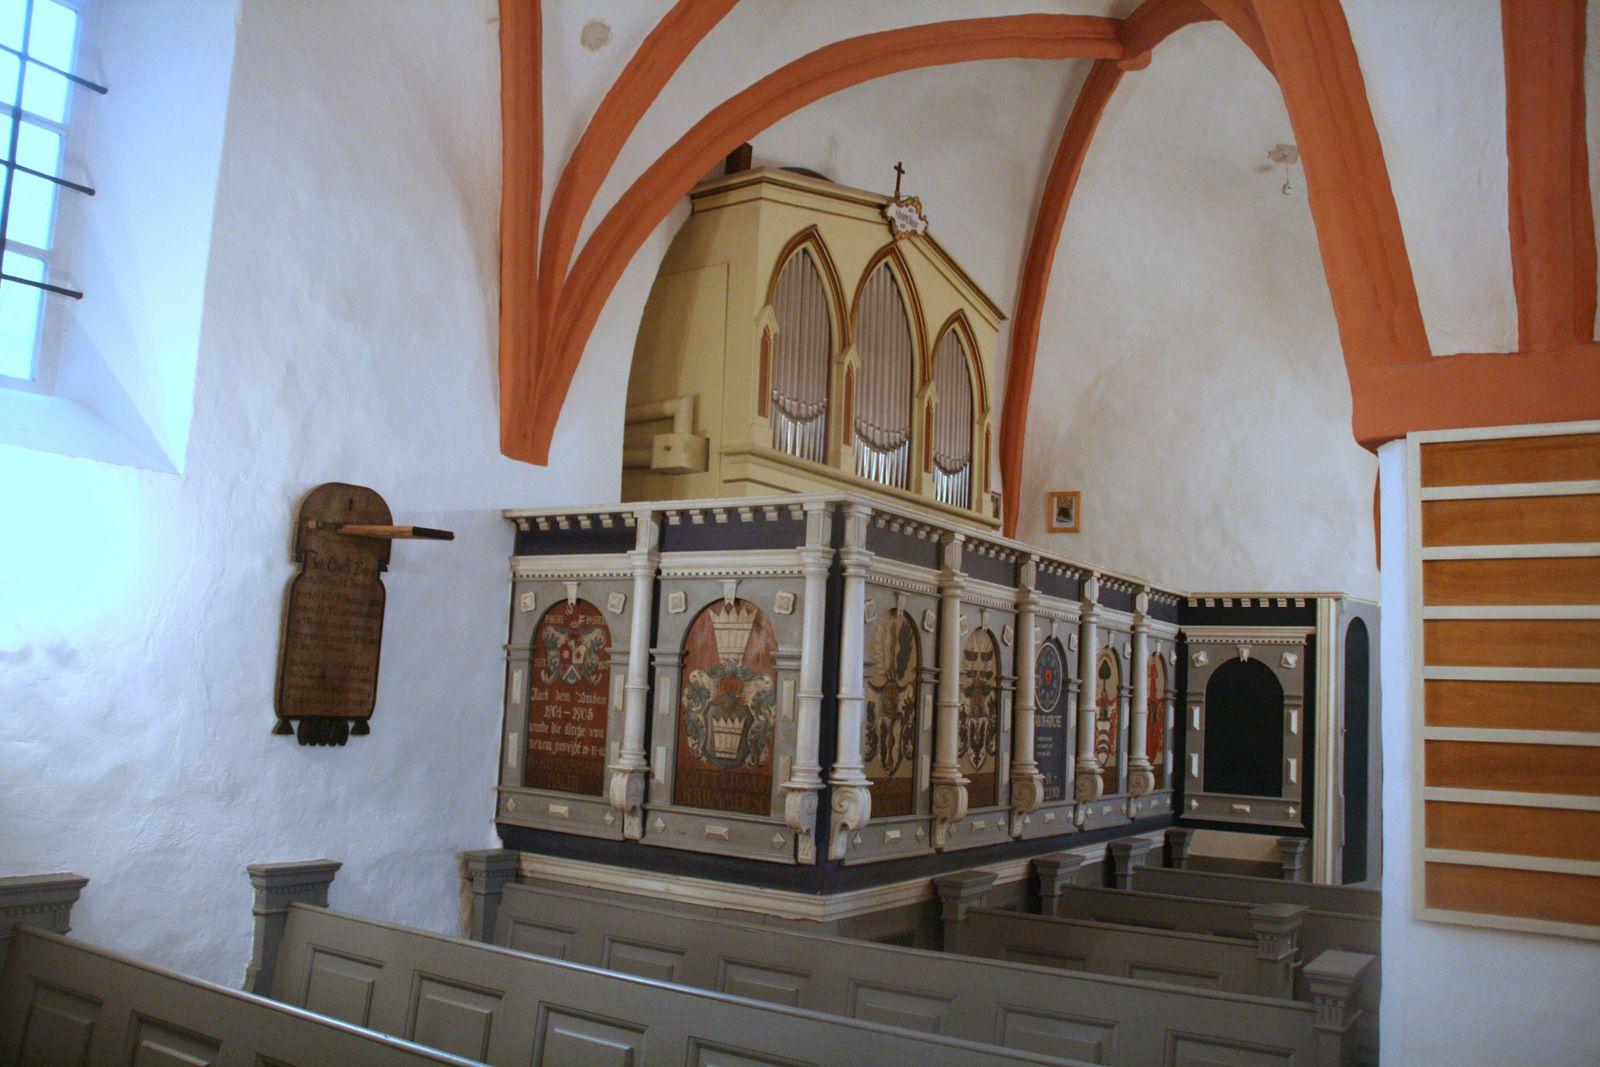 Orgel in der Taborkirche